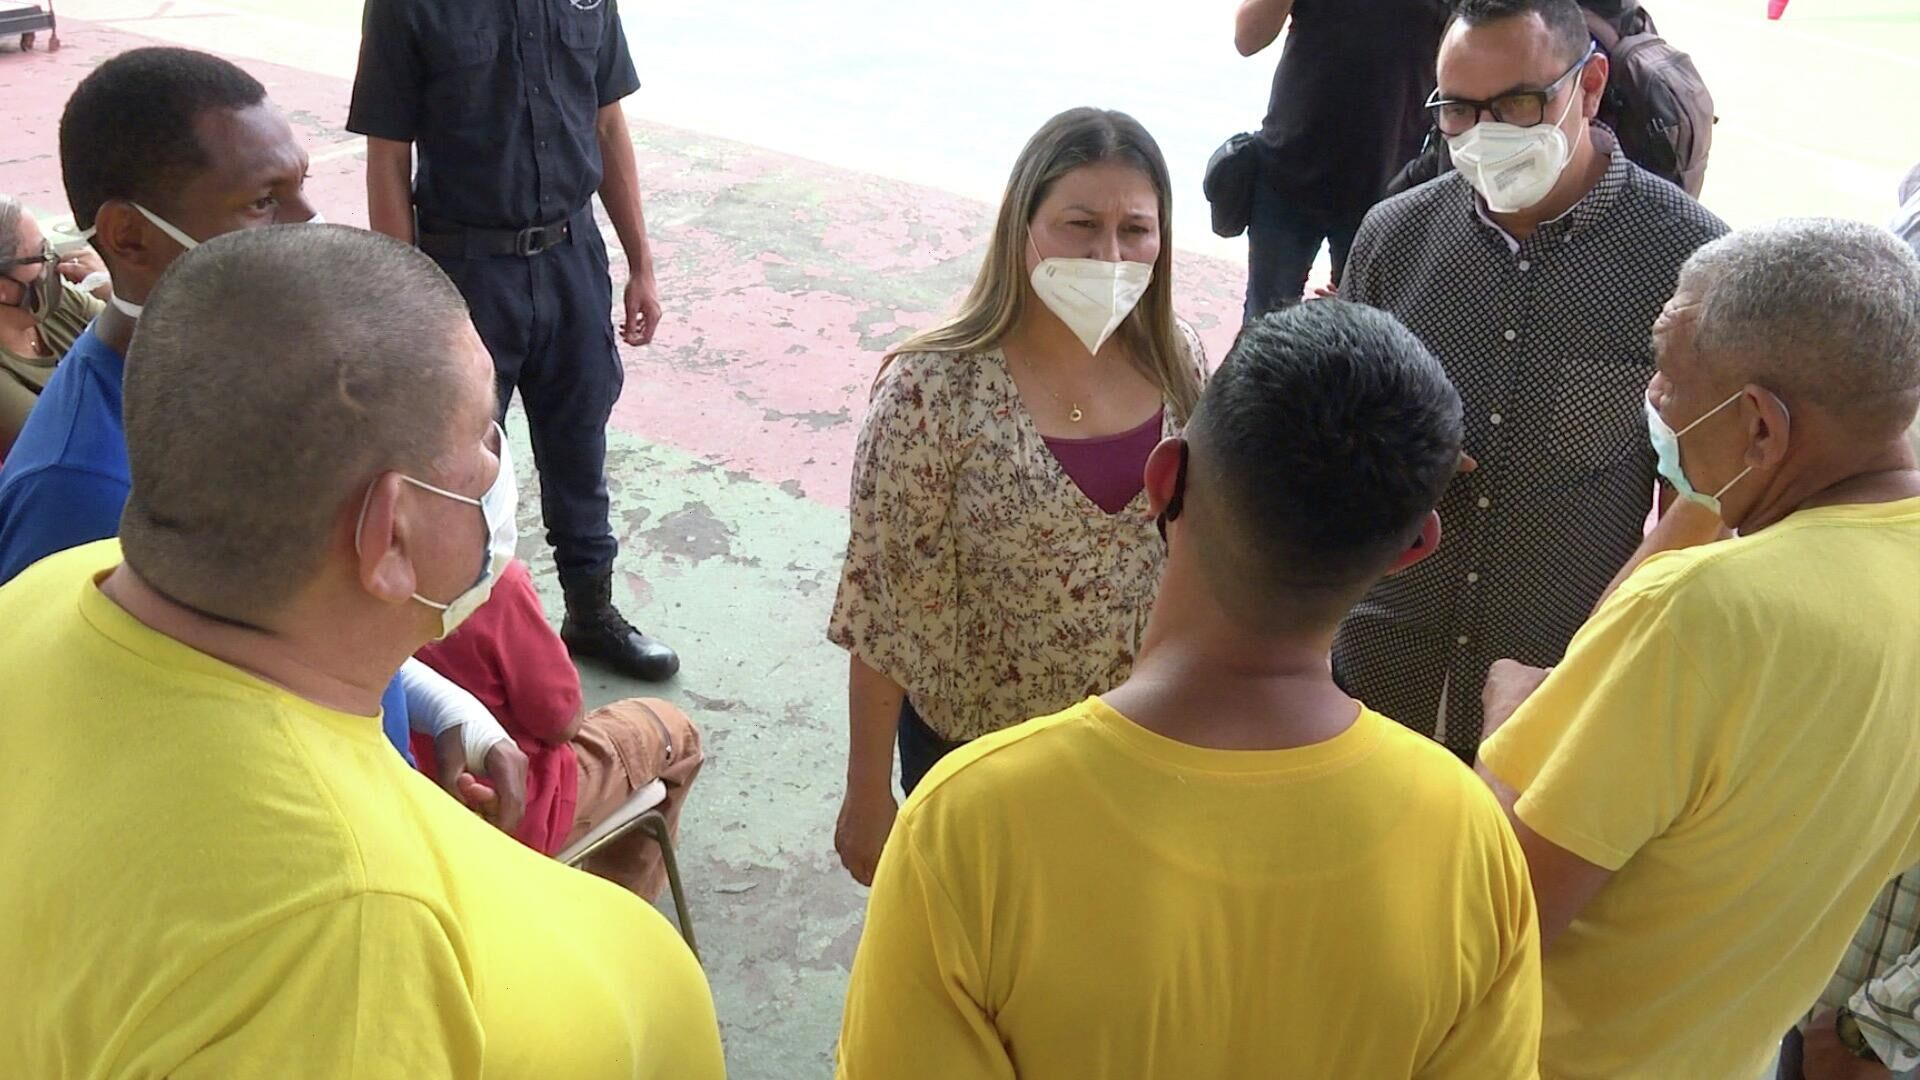 Ministra para el Servicio Penitenciario, Marelys Contreras, dialoga con internos del Centro de Formación del Hombre Nuevo Simón Bolívar - Sputnik Mundo, 1920, 02.07.2021